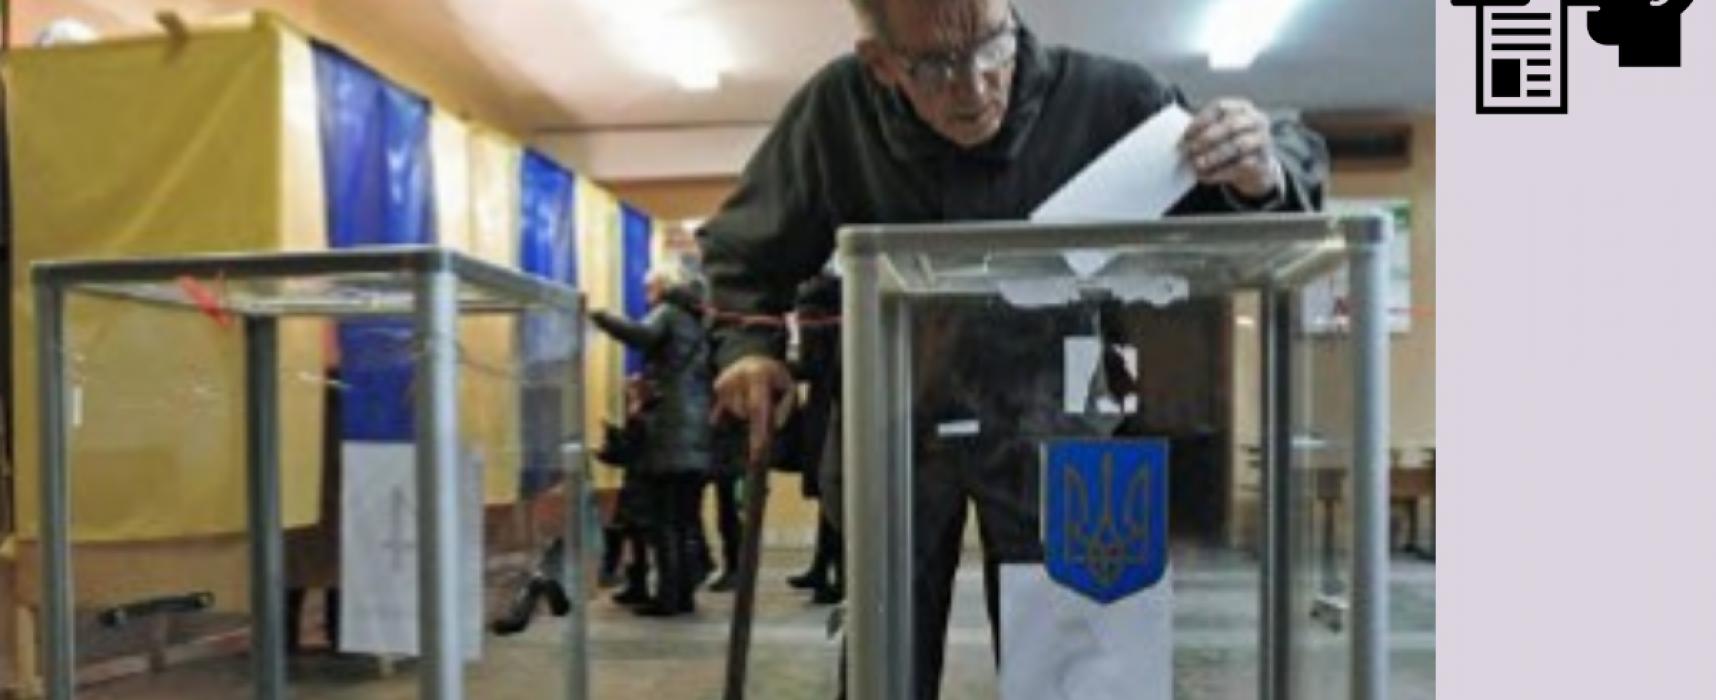 Фейк: Украина отказывает немецким наблюдателям в аккредитации на выборы